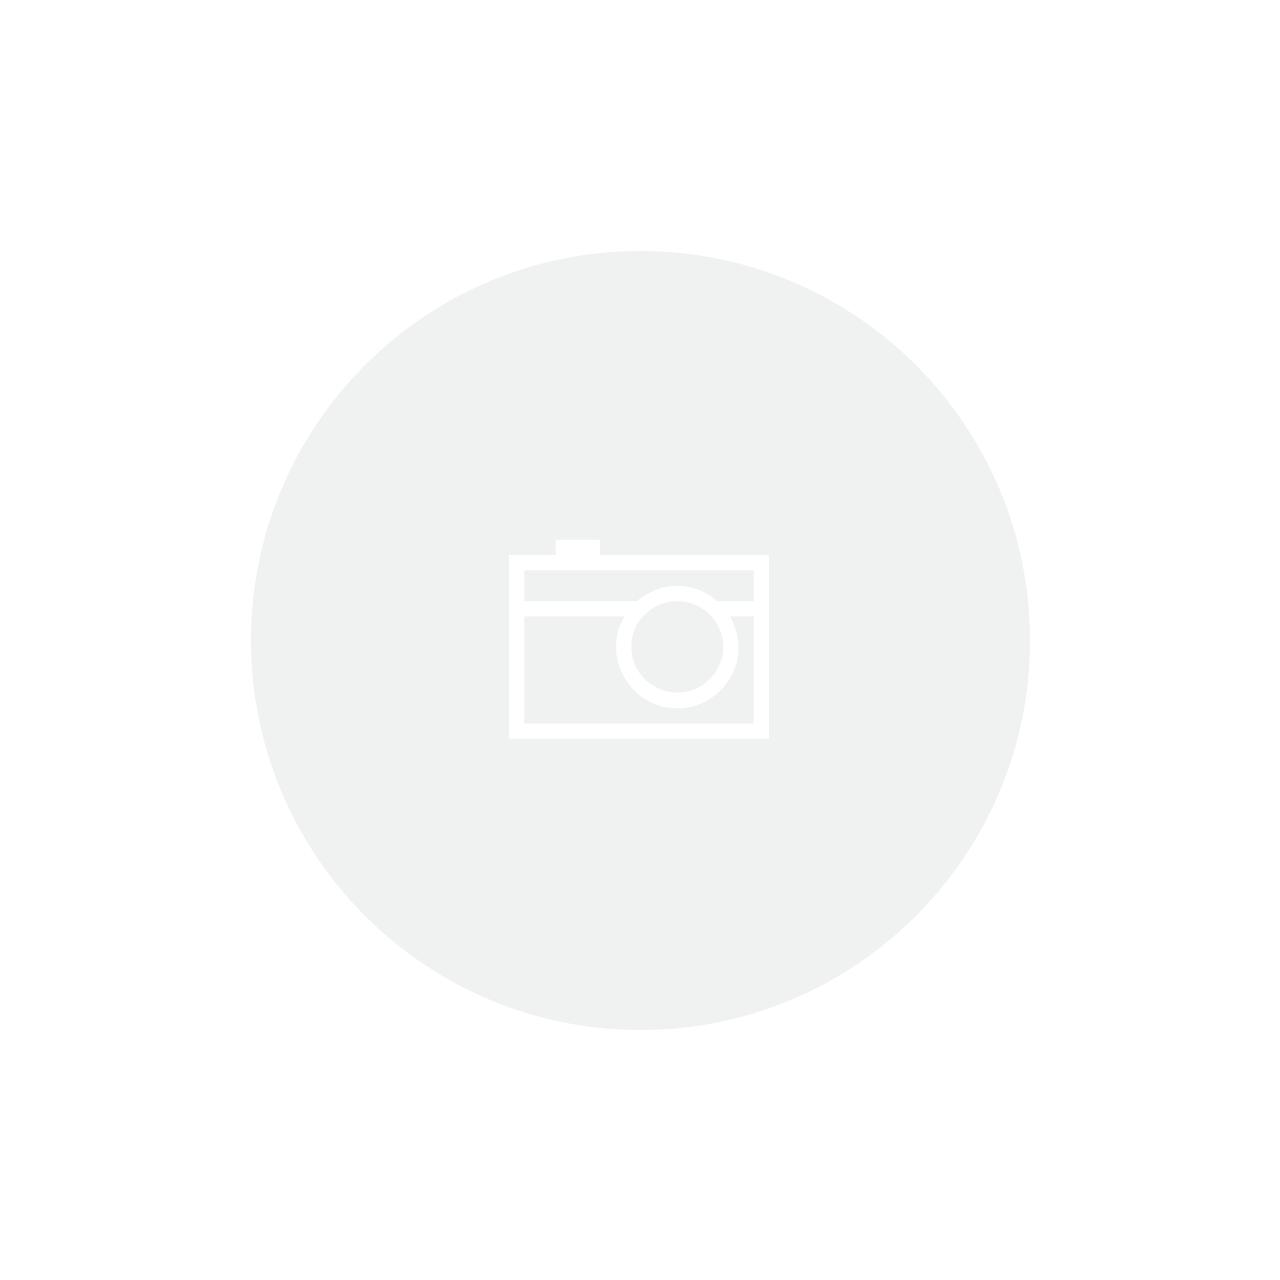 vestileg-rendada-040if18